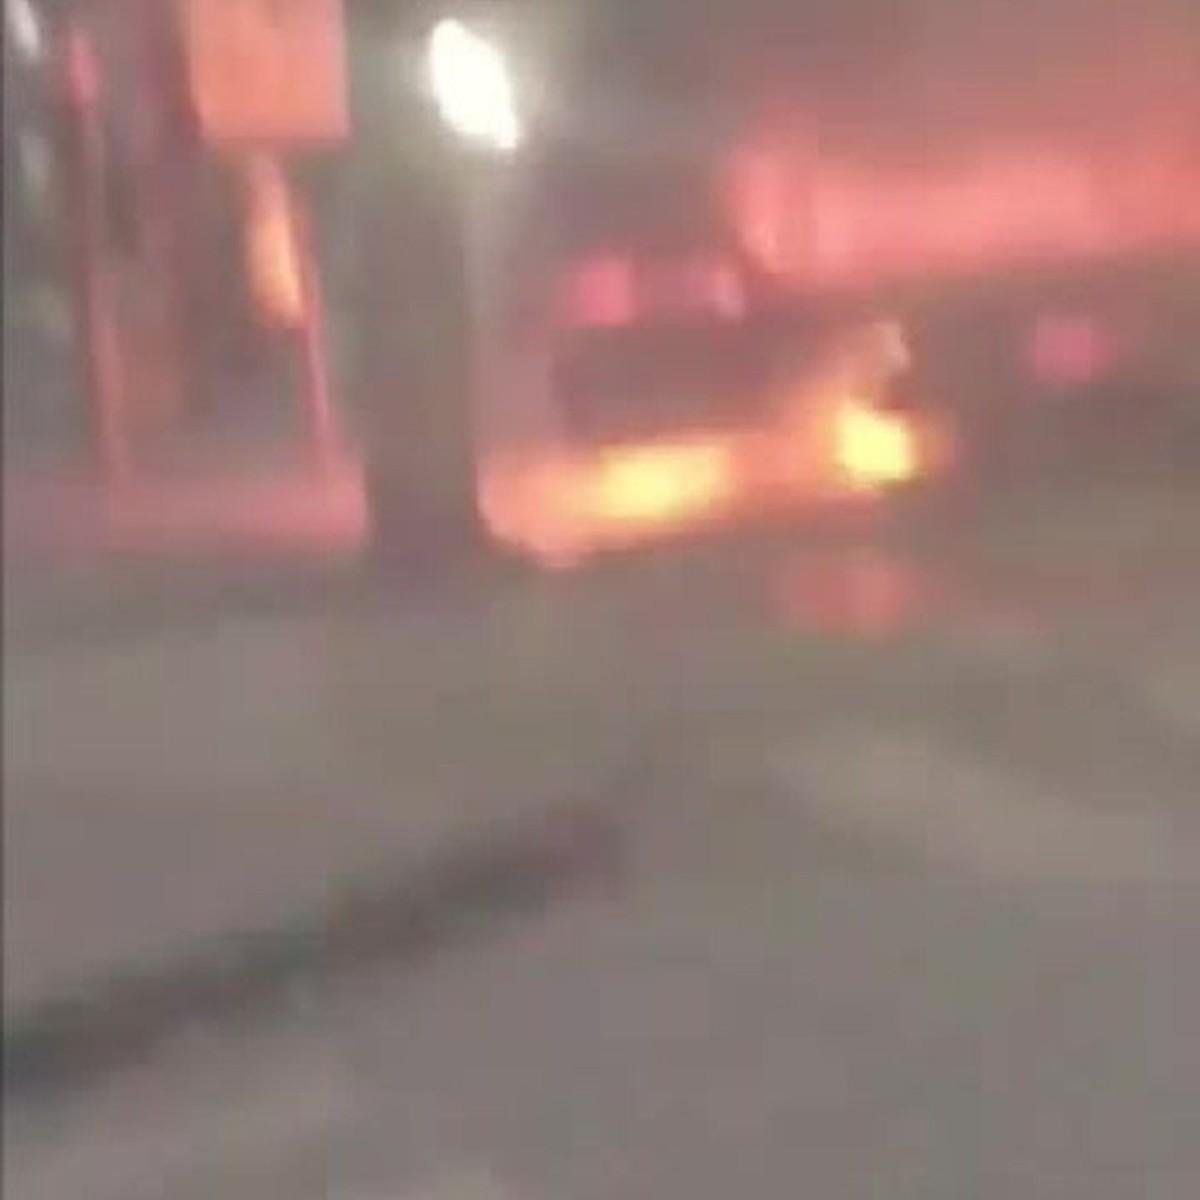 Carro pega fogo na Região do Barreiro, em BH; VÍDEO